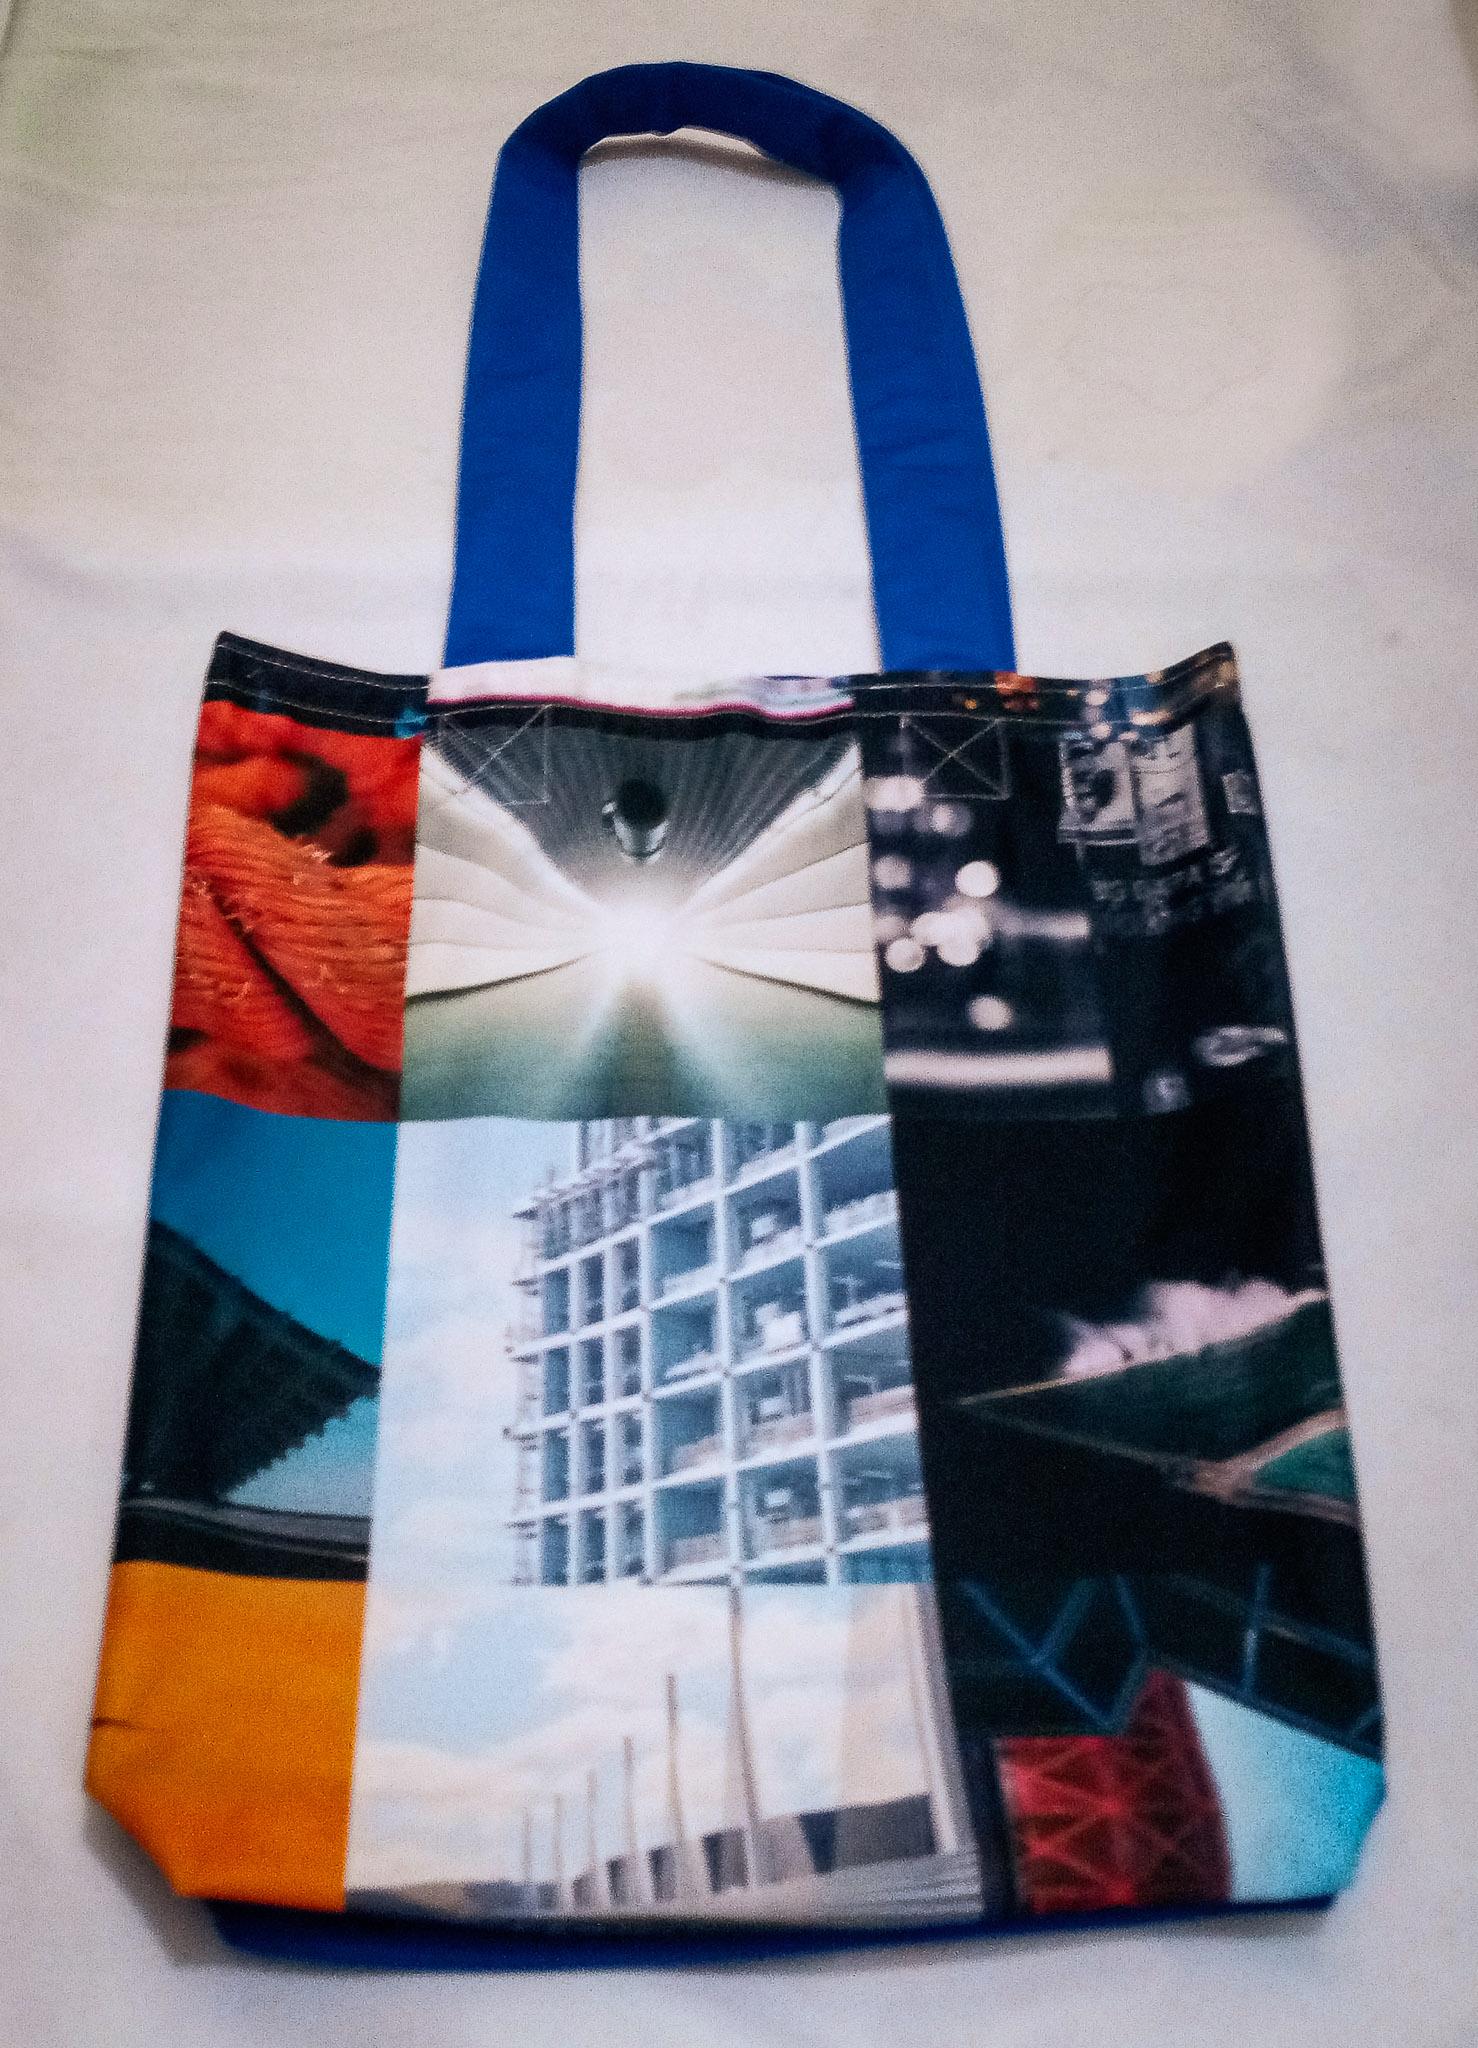 Handmade Fabric Tote Bag, Square Photos